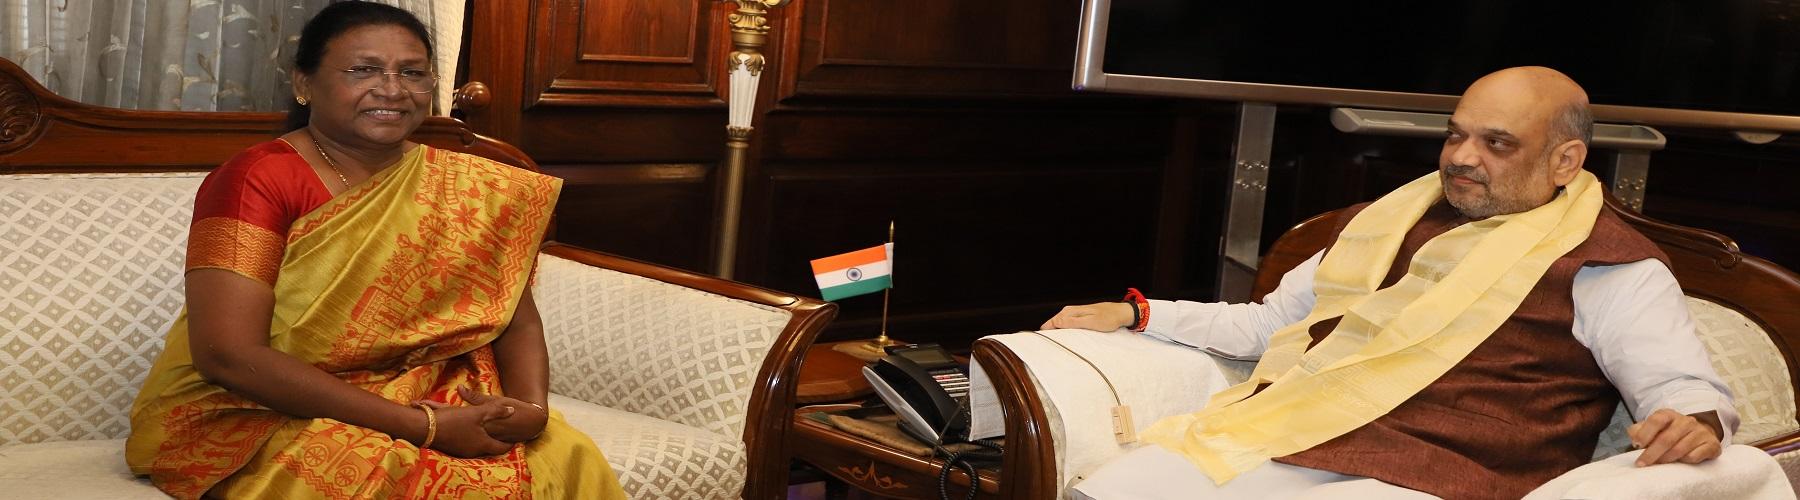 झारखंड की राज्यपाल श्रीमती द्रौपदी मुर्मू दिनांक 10 जून 2019 को नई दिल्ली में केंद्रीय गृह मंत्री श्री अमित शाह से मुलाकात करते हुए